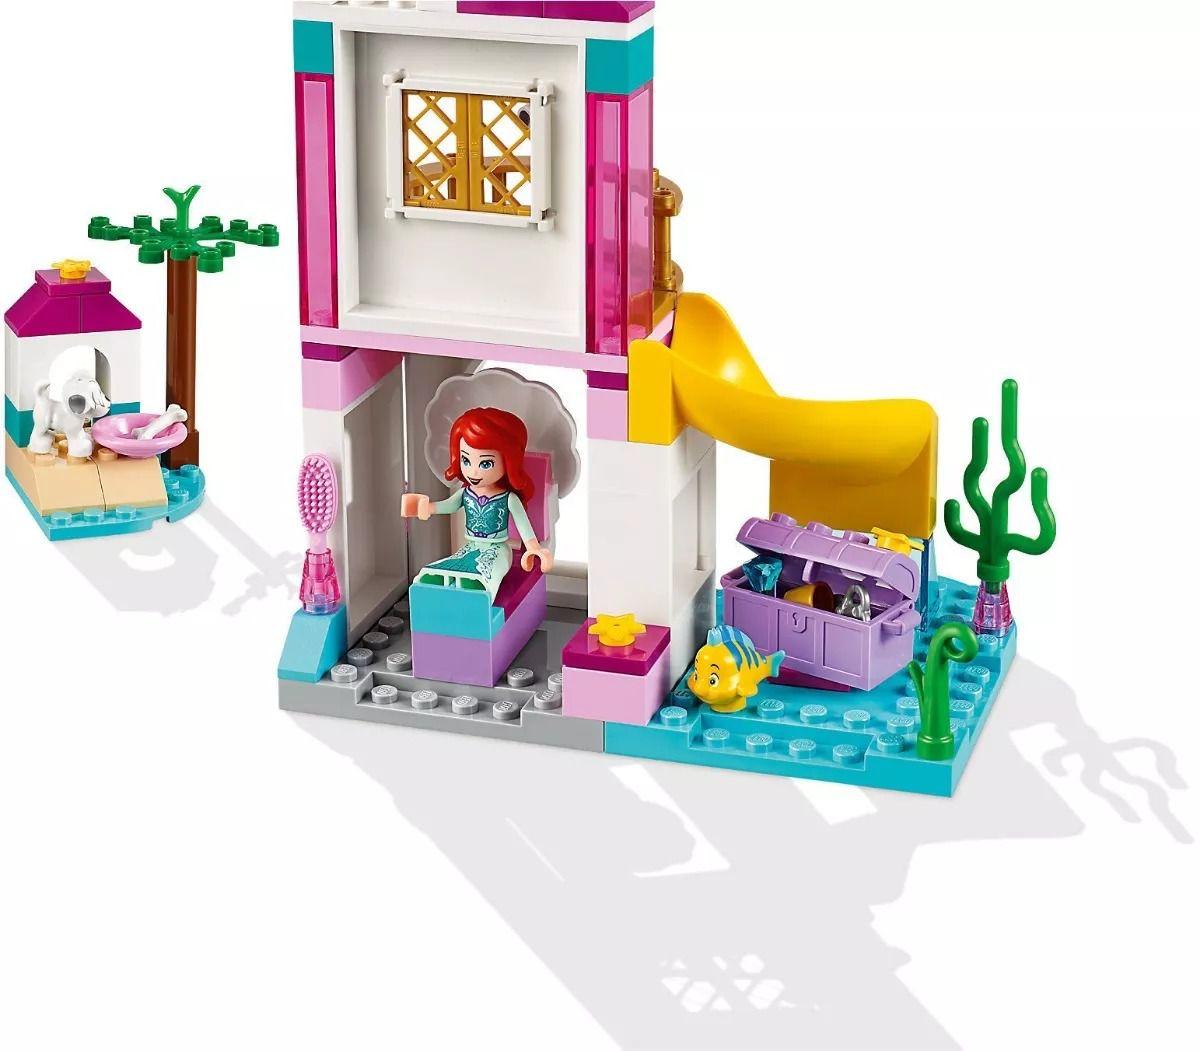 Lego 41160 Princesas Disney - Castelo Á Beira-Mar da Ariel -115 peças  - Doce Diversão